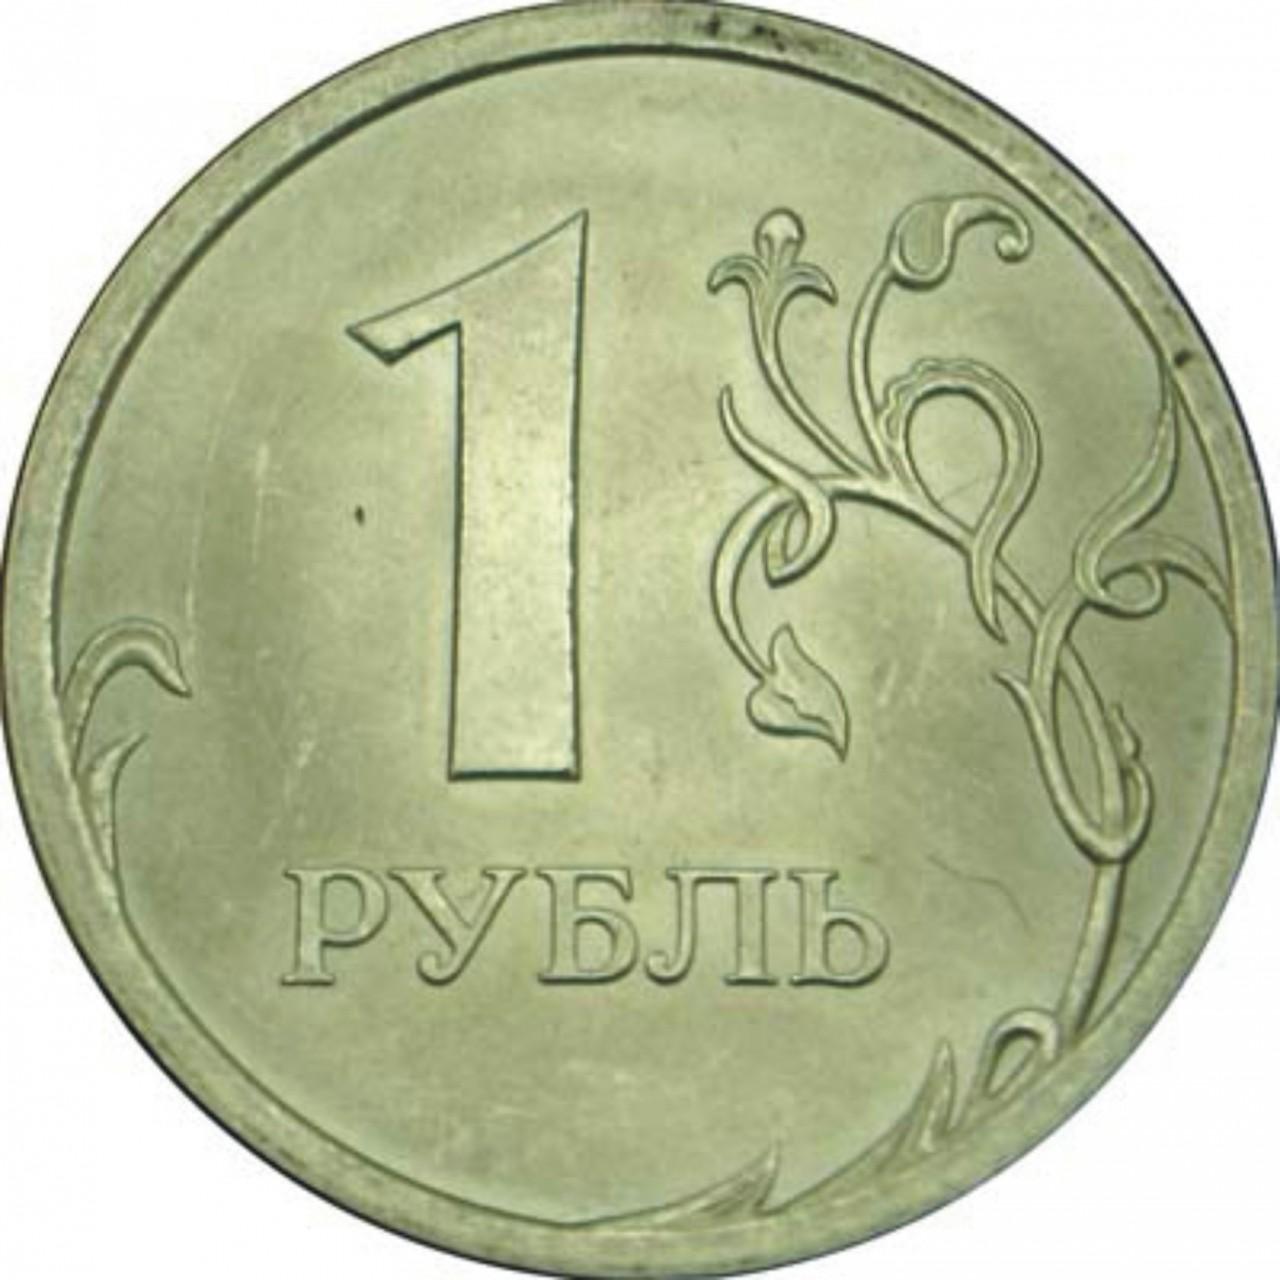 Рубль в 2015 году: есть ли основания для тревоги?